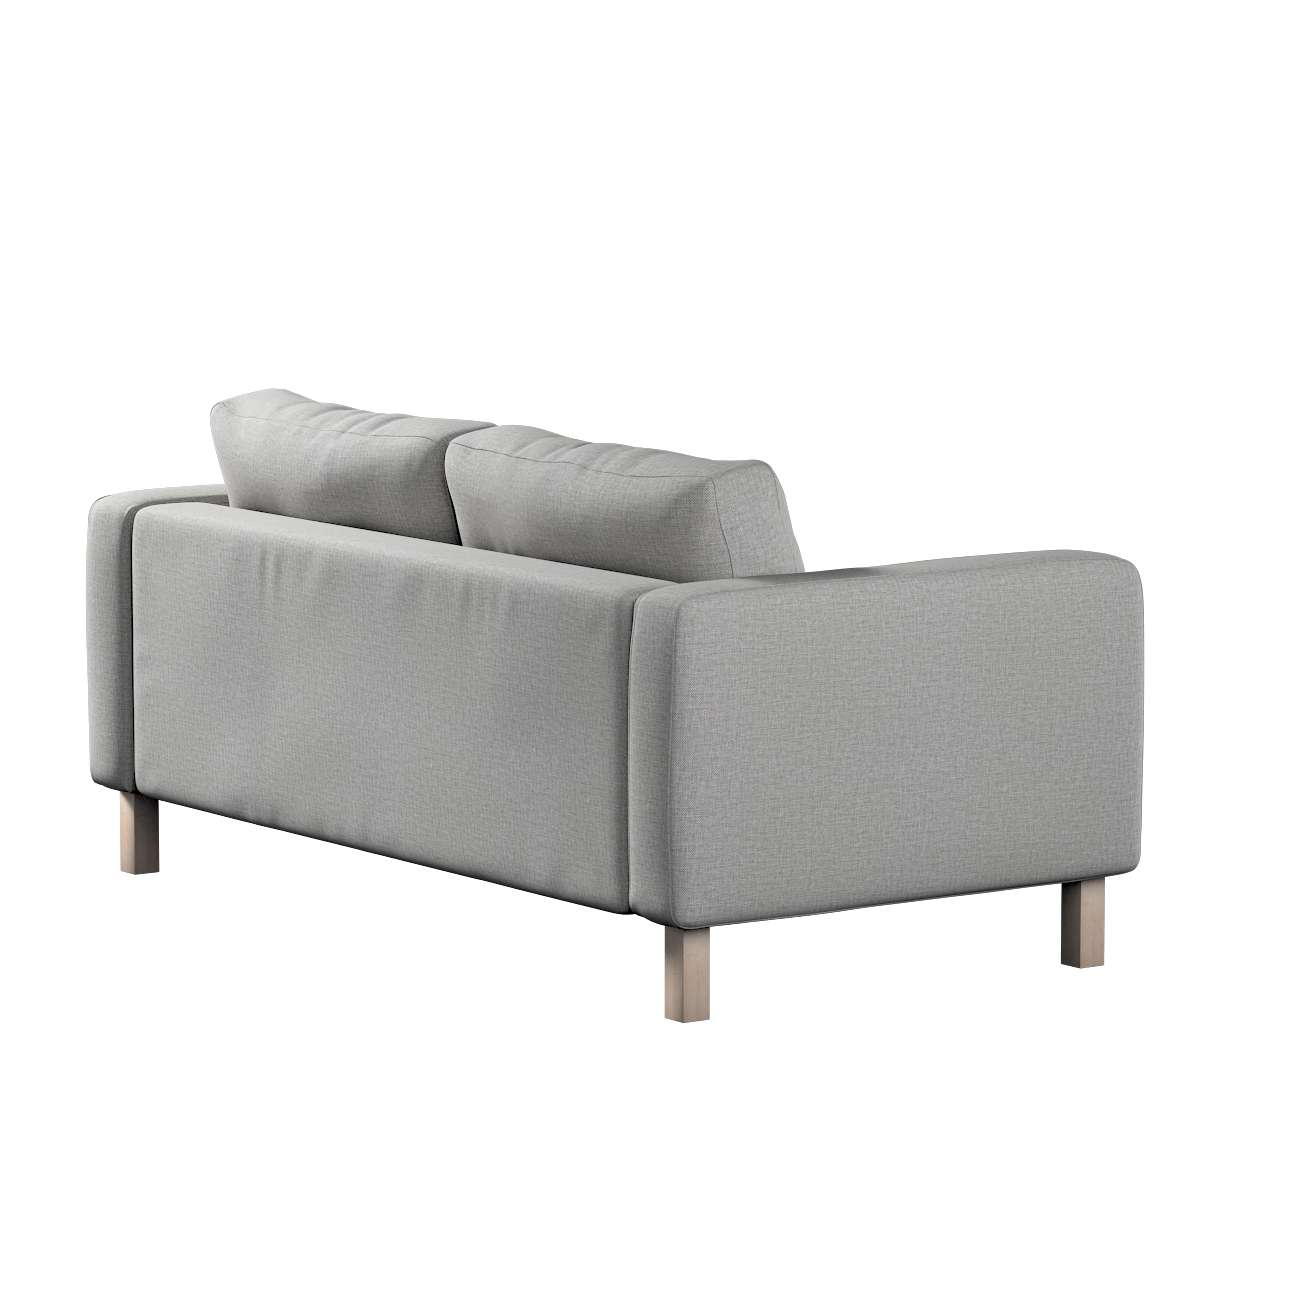 IKEA zitbankhoes/ overtrek voor Karlstad 2-zitsbank van de collectie Living, Stof: 160-89